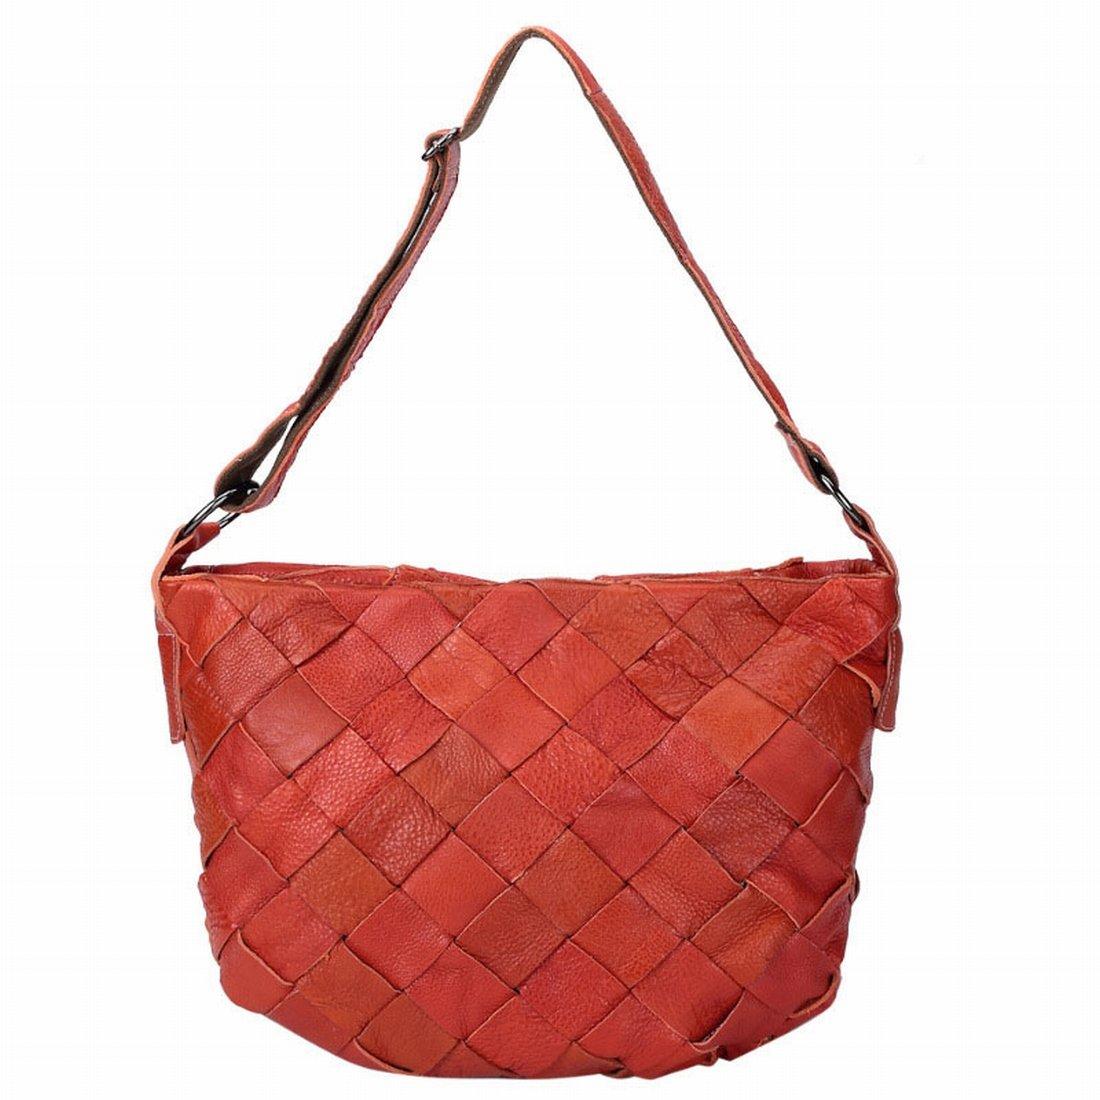 YTTY Damen Handtaschen-Set mit Schafmotiv, groß, für Frauen